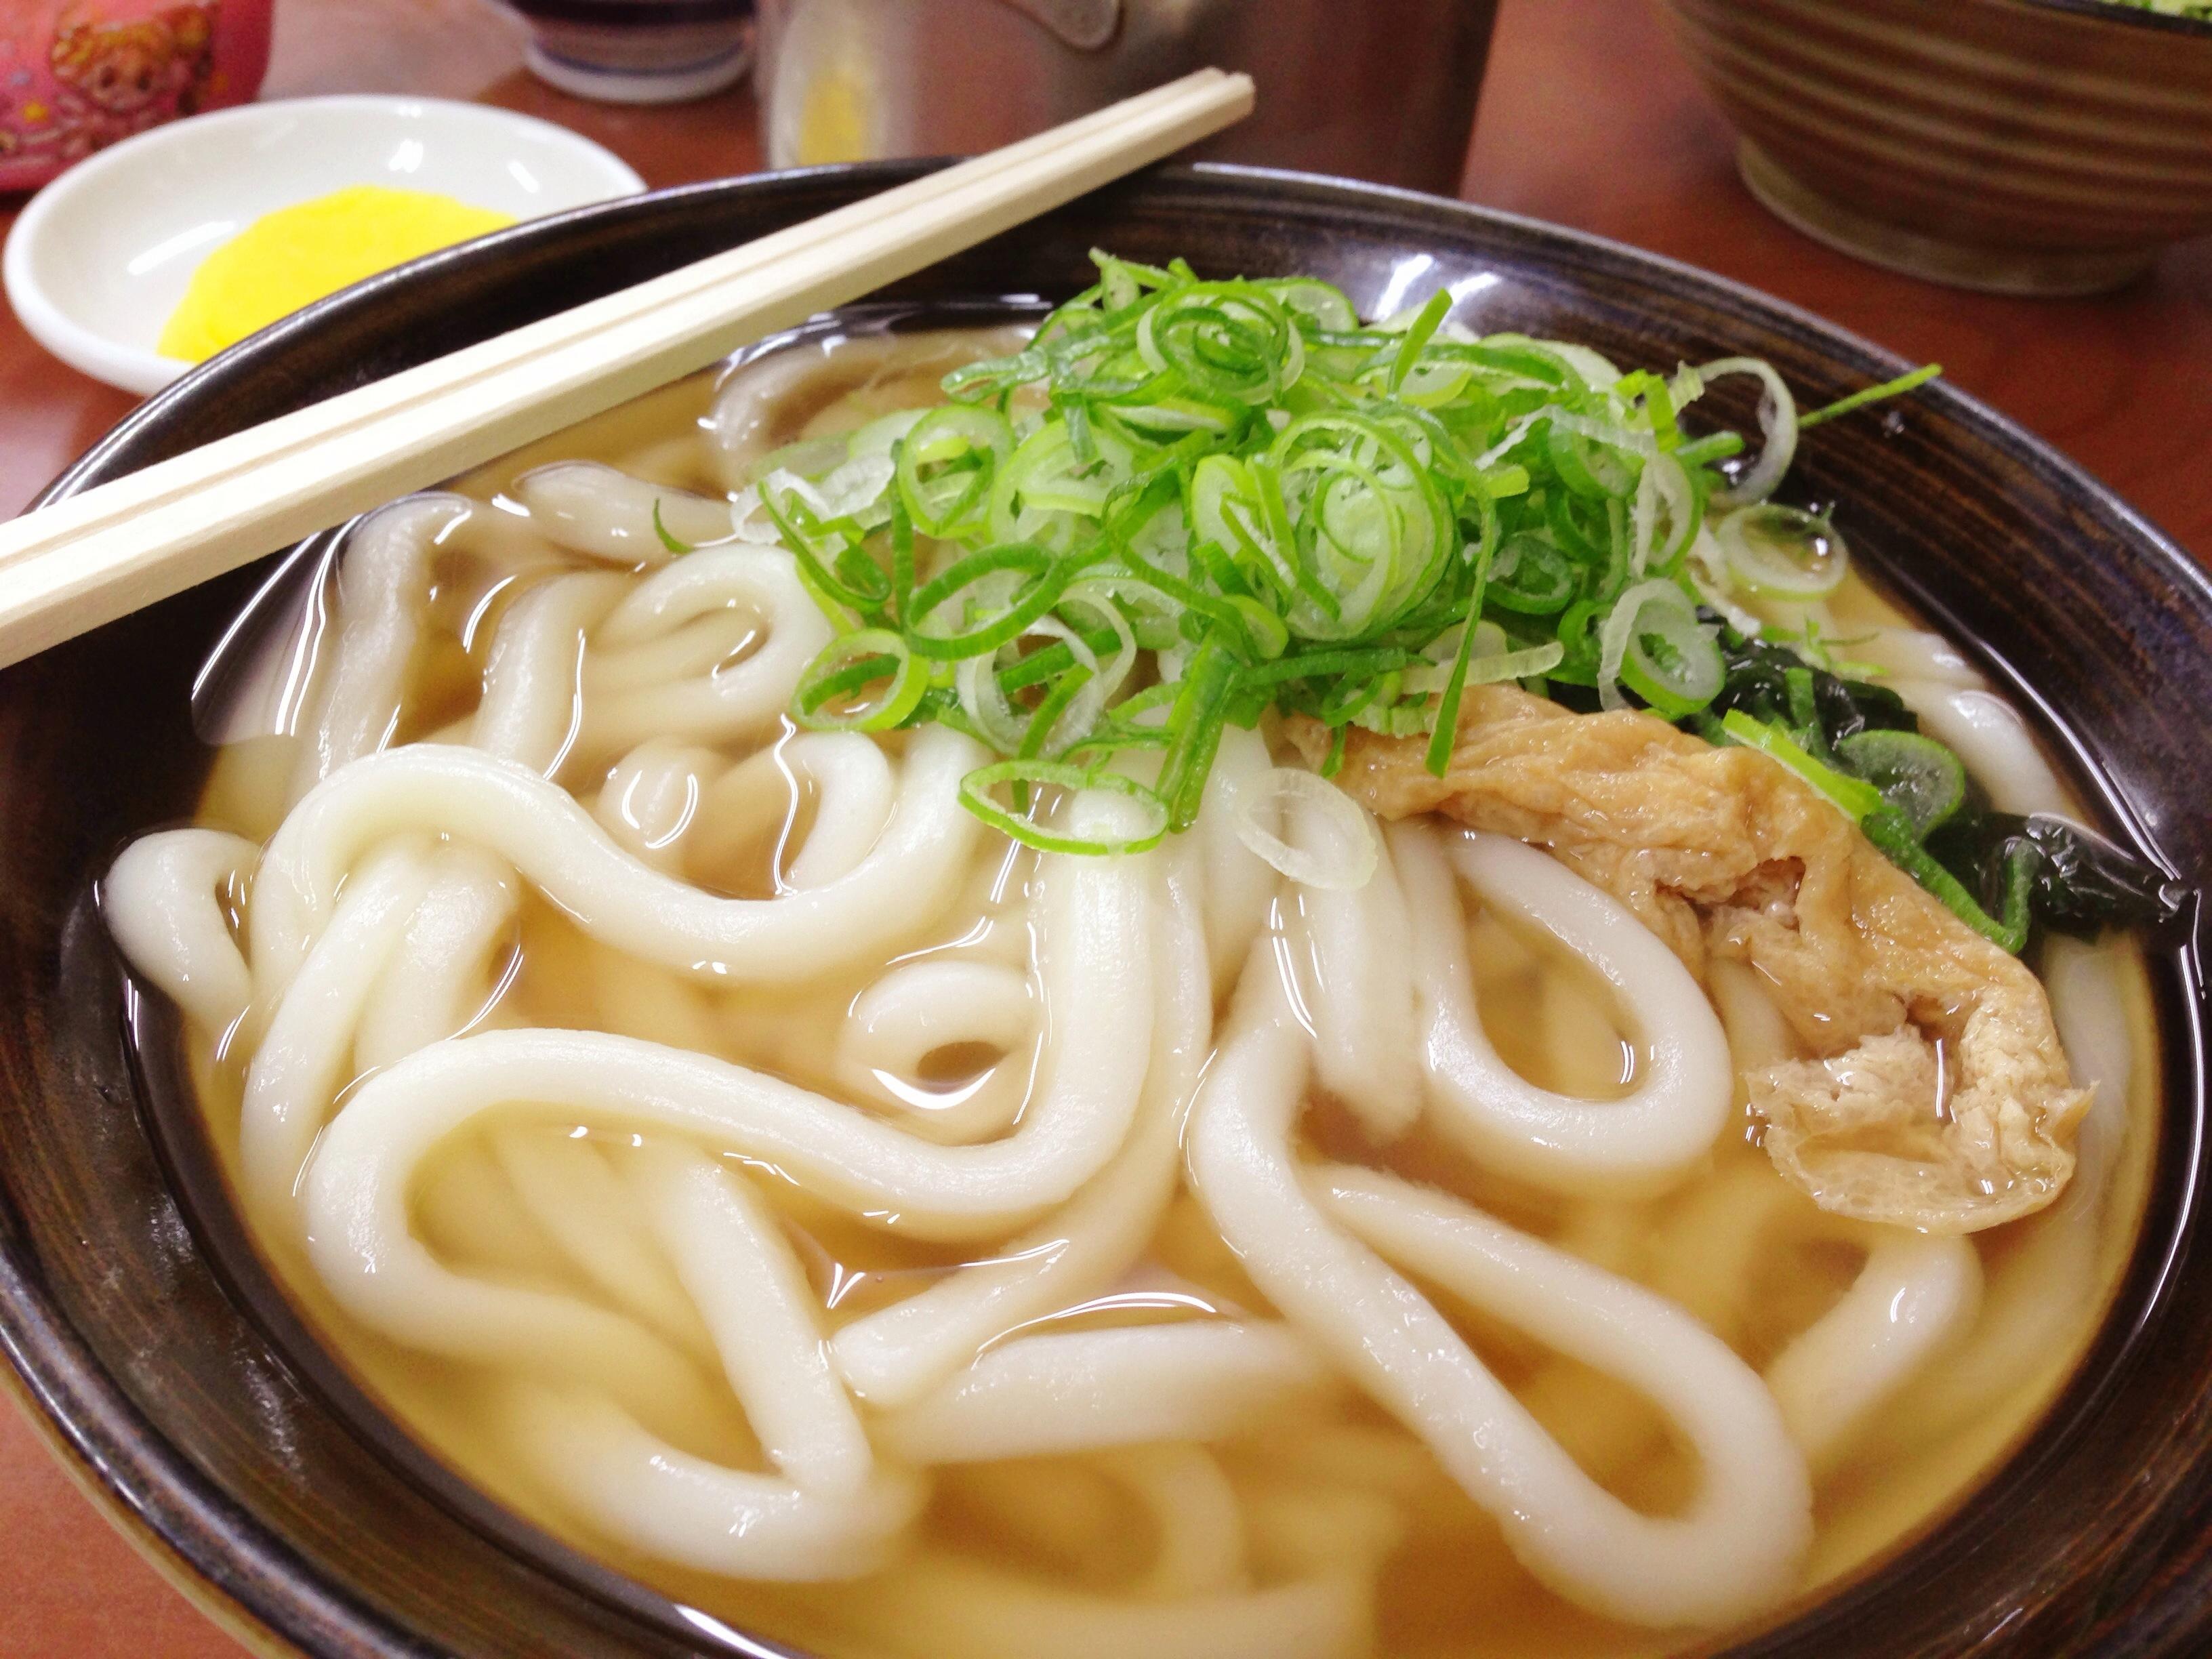 【食べた】あえて言おう「やわ麺を食え」福岡のソウルフード「牧のうどん 周船寺店」